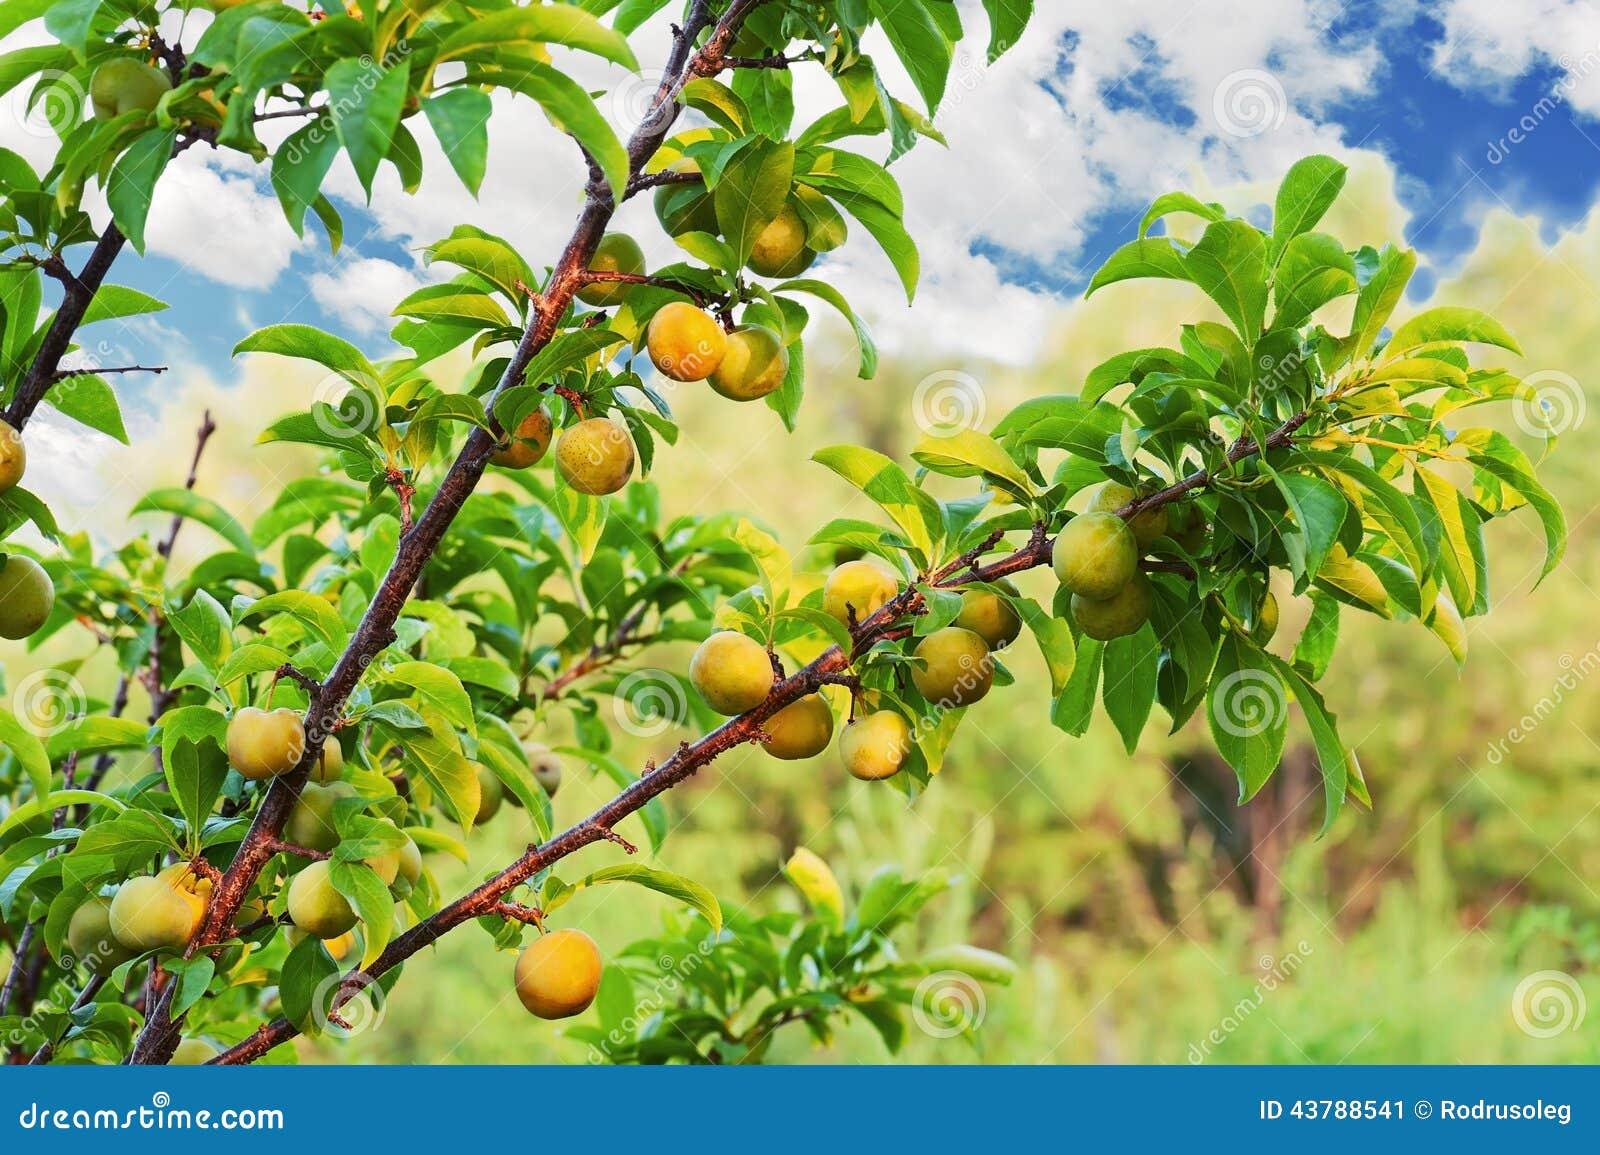 Rbol de ciruelo amarillo con el crecimiento de frutas en for Arboles de jardin fotos